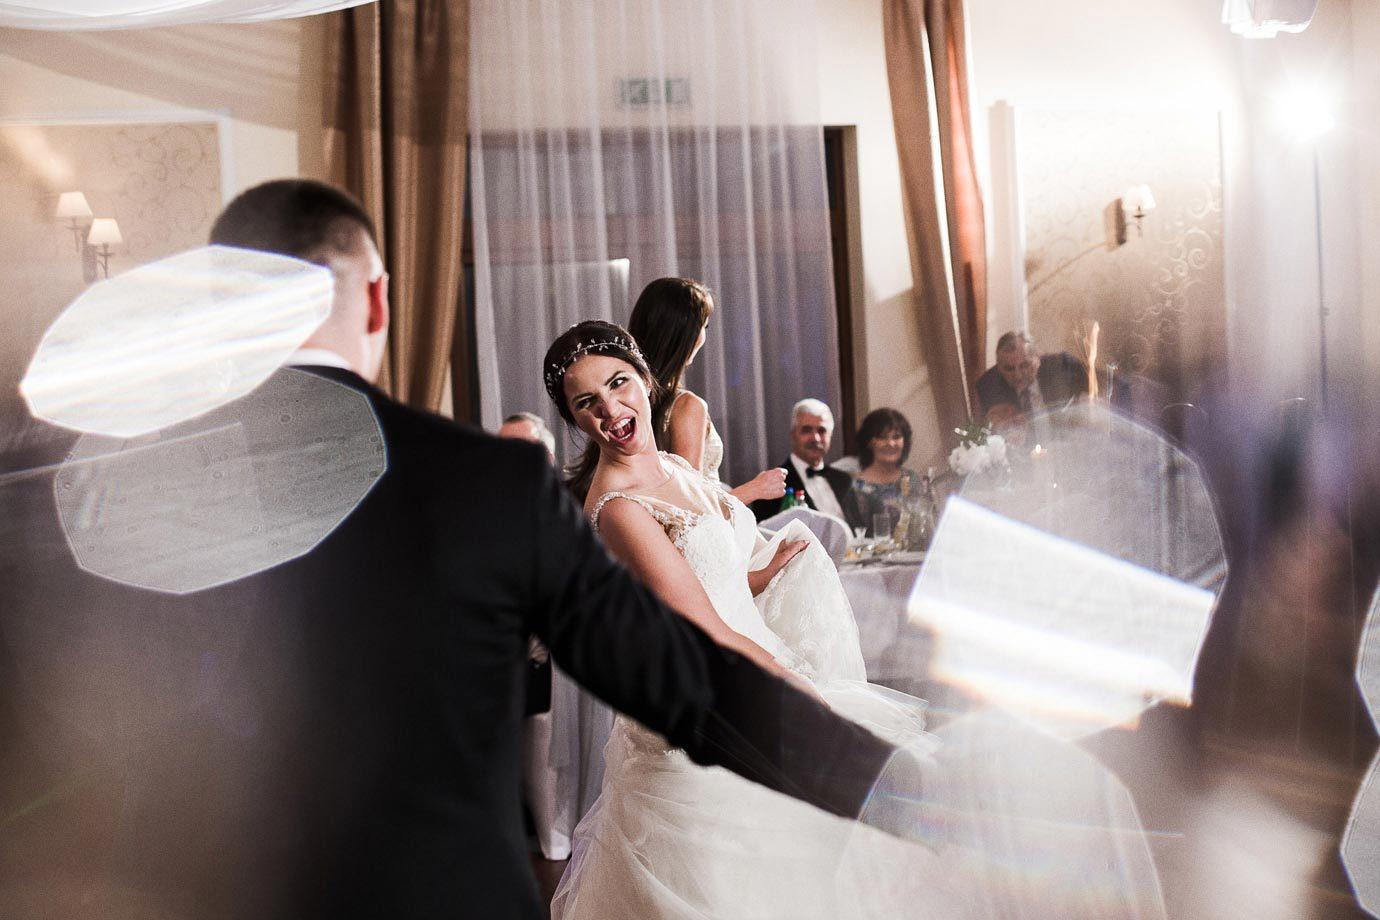 dobra zabawa w czasie wesela